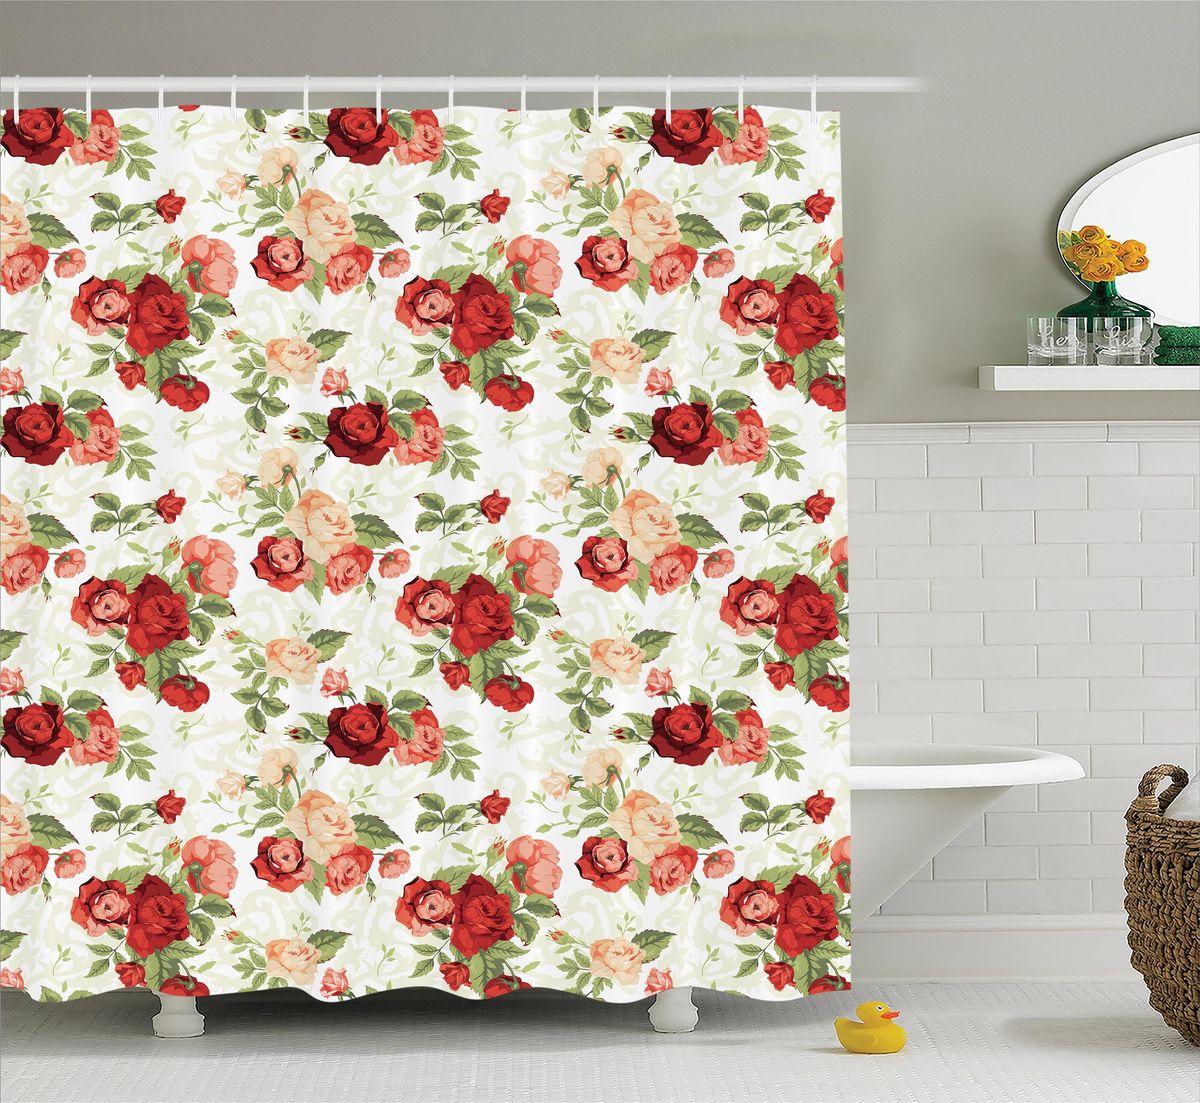 Штора для ванной комнаты Magic Lady Розы в стиле ретро, 180 х 200 см штора для ванной комнаты magic lady дерево в волшебном лесу цвет коричневый оранжевый 180 х 200 см